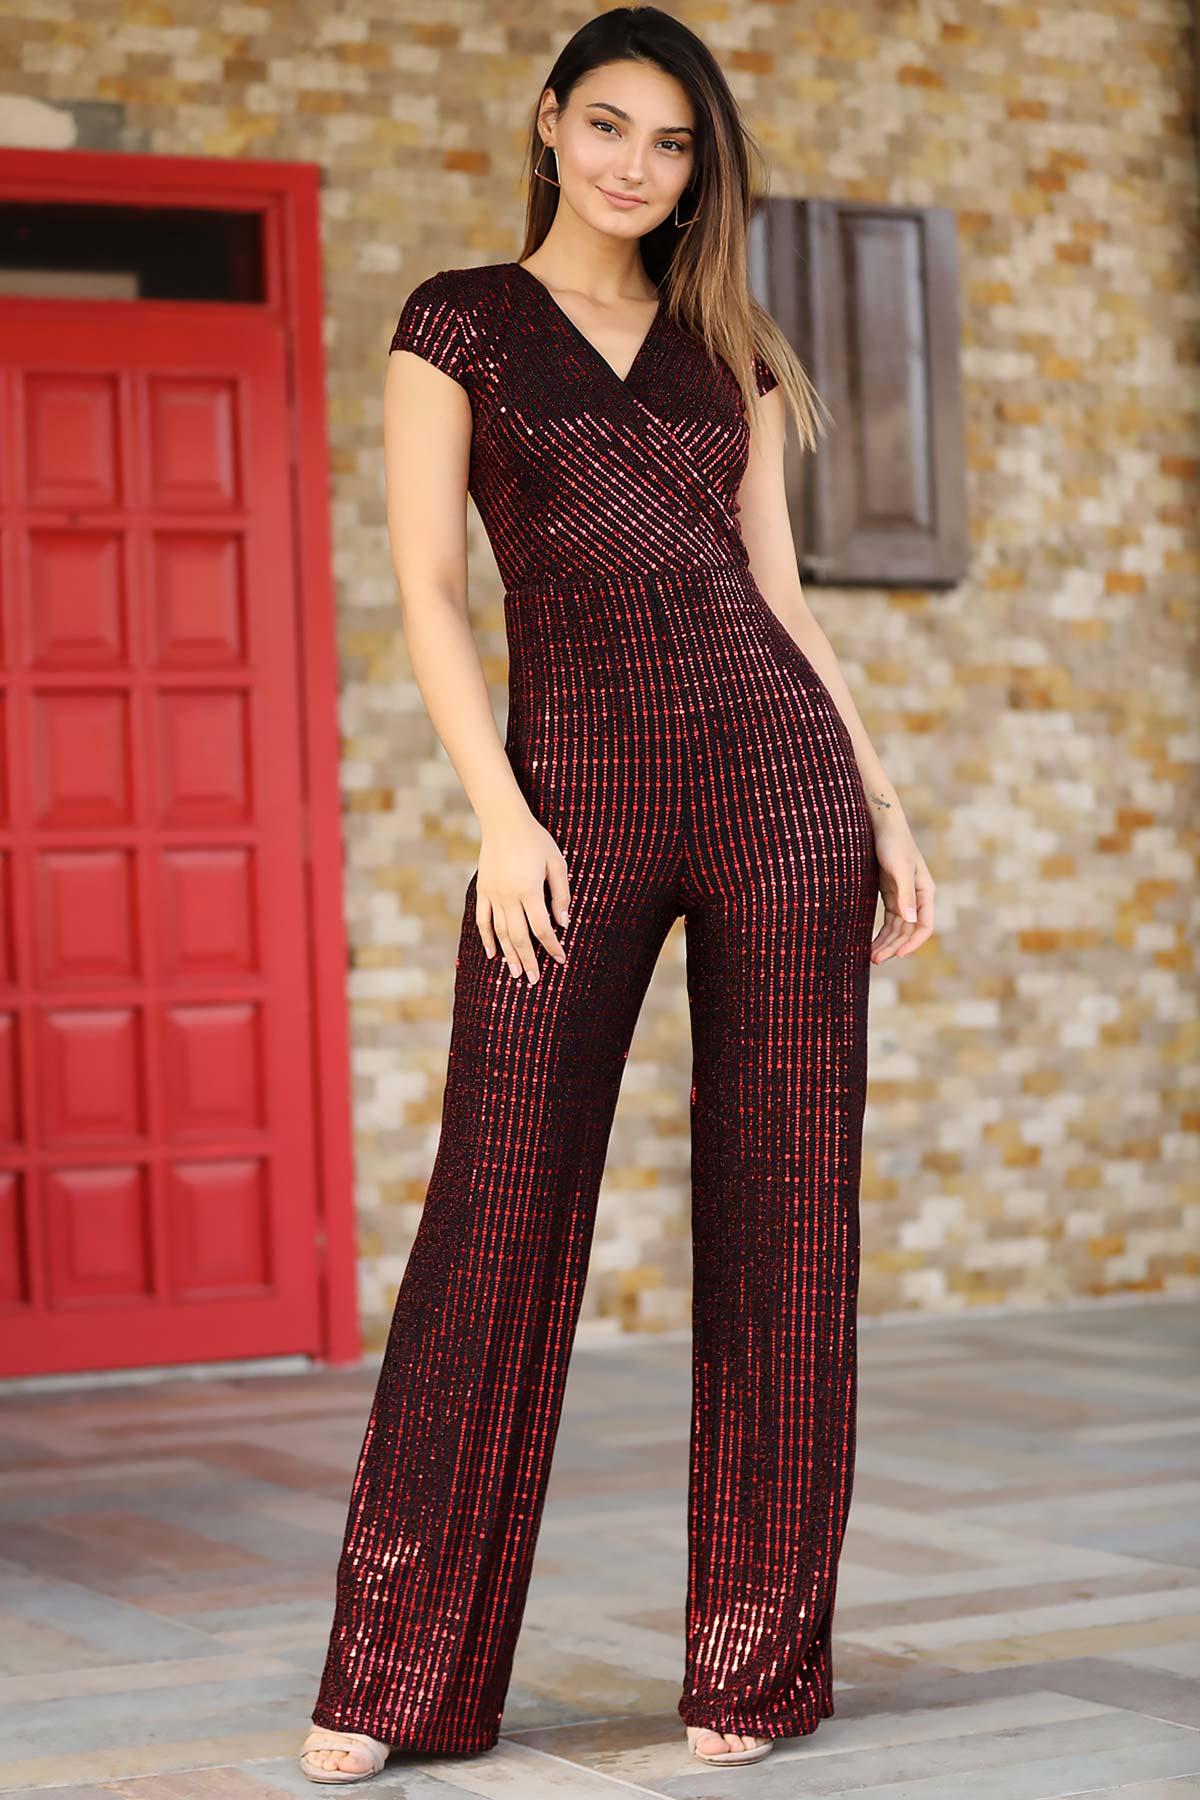 Women's Sequin Claret Red Overall